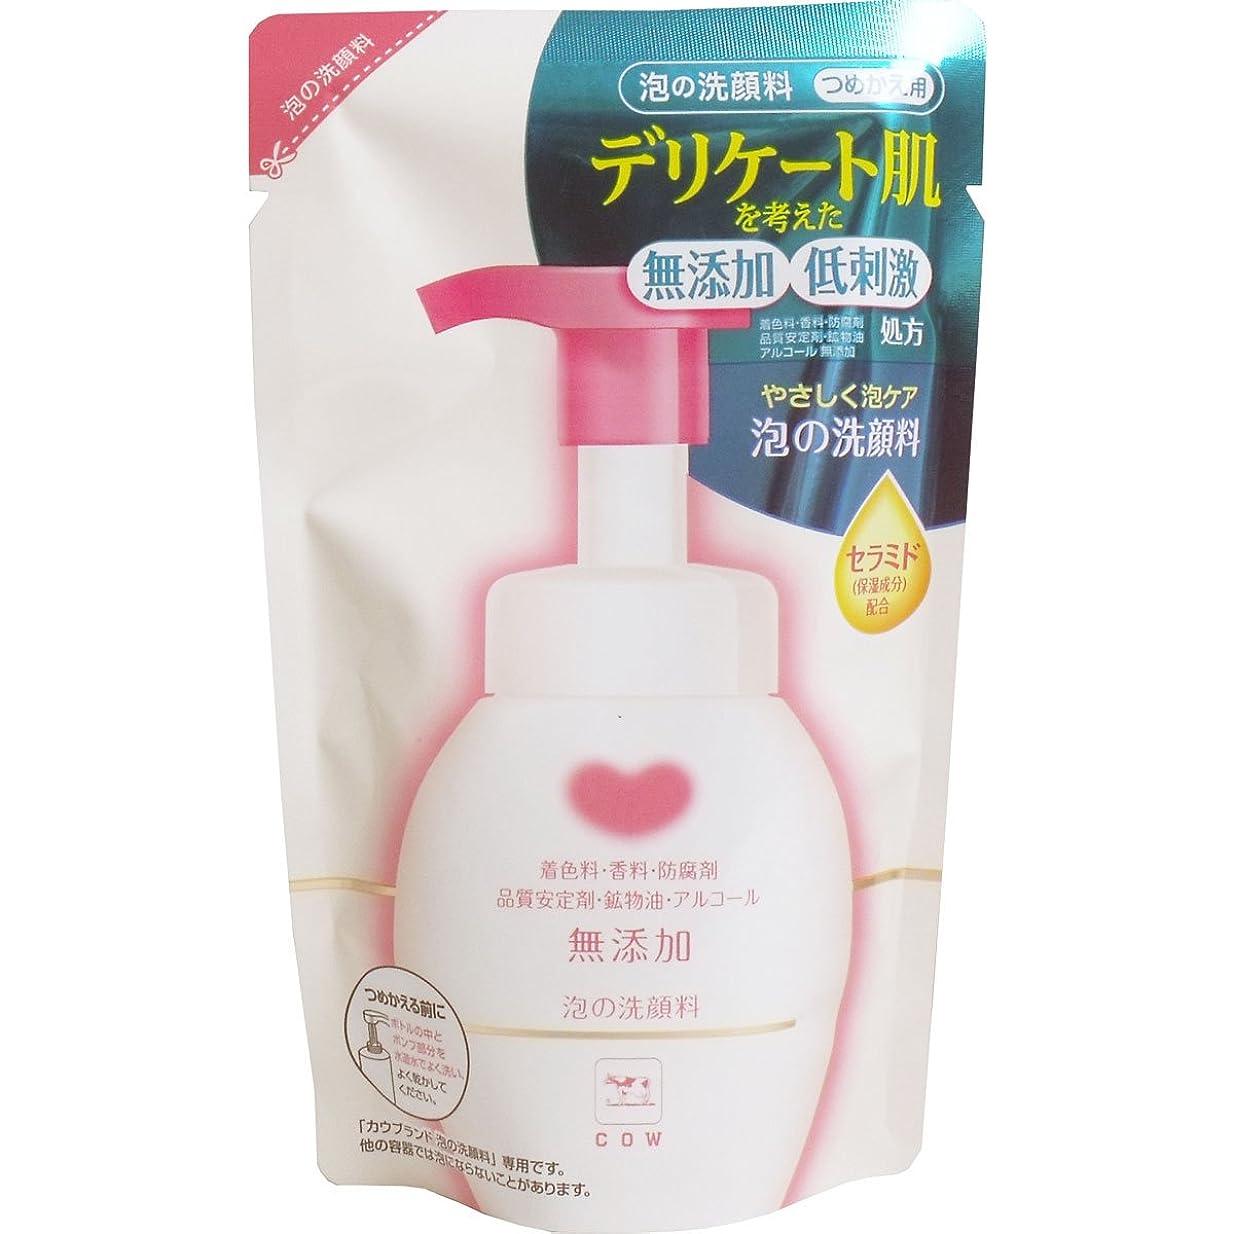 シンボル特派員母【まとめ買い】カウブランド 無添加泡の洗顔料 詰替用 180ML ×2セット